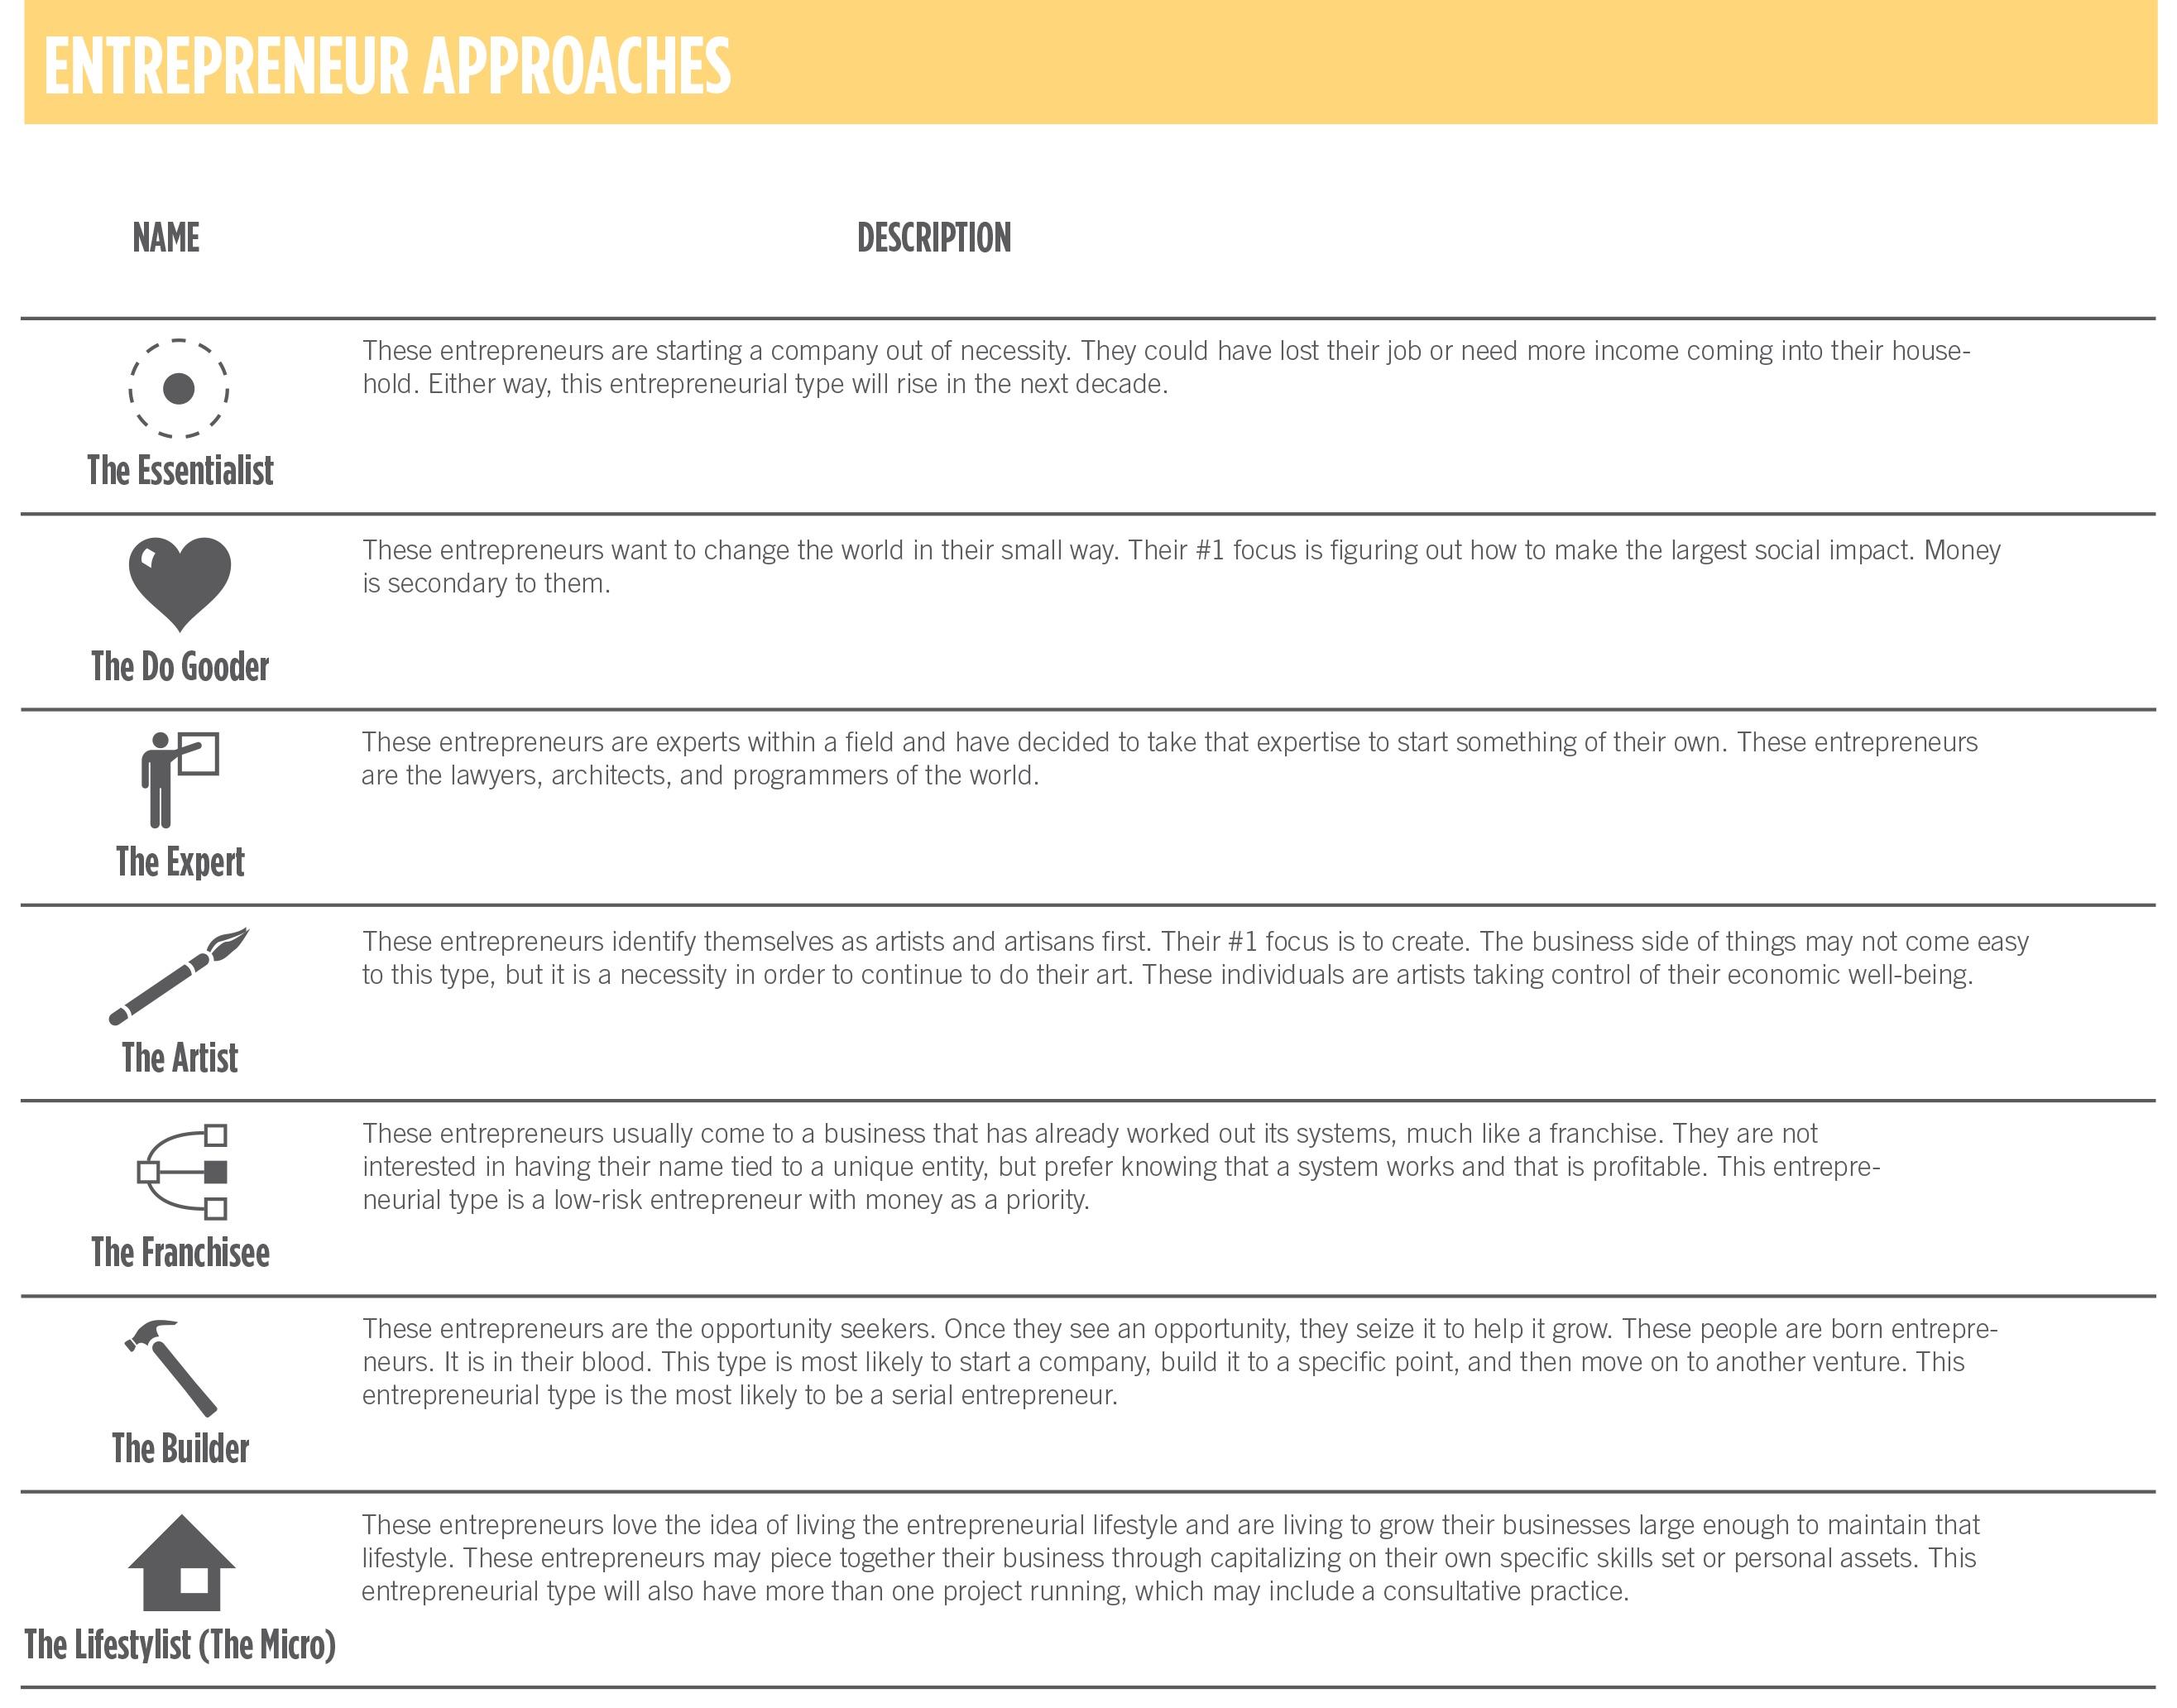 Figure 5.5-Entrepreneur Approaches